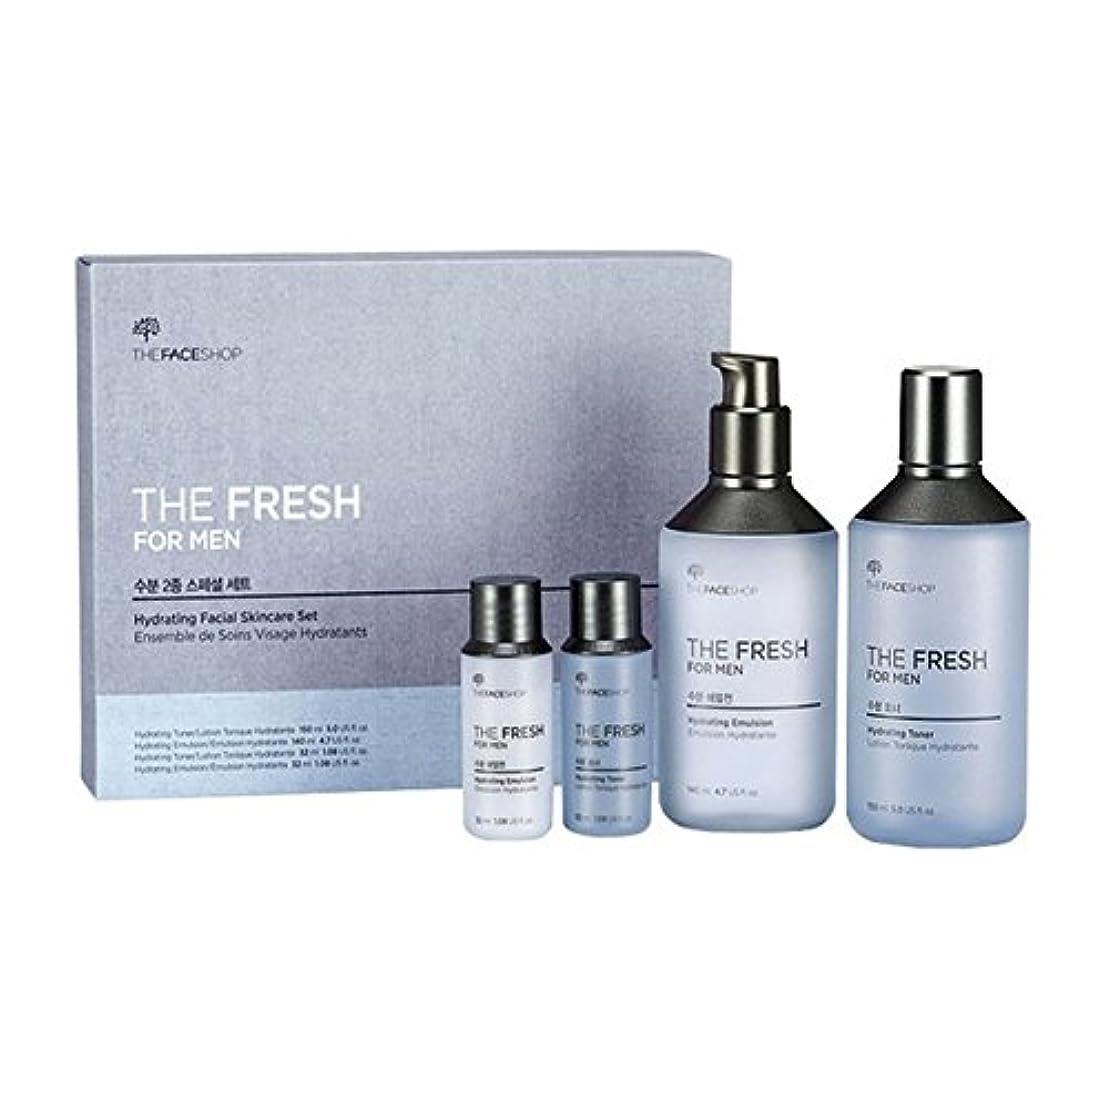 ポップ水銀のサラミザ?フェイスショップ ザ?フレッシュフォーマン?ハイドレーティング?フェイシャルスキンケアセットトナー(150+32ml)エマルジョン(140+32ml)メンズコスメ、The Face Shop The Fresh For Man Hydrating Facial Skincare Set Toner(150+32ml) Emulsion(140+32ml) Men's Cosmetis [並行輸入品]